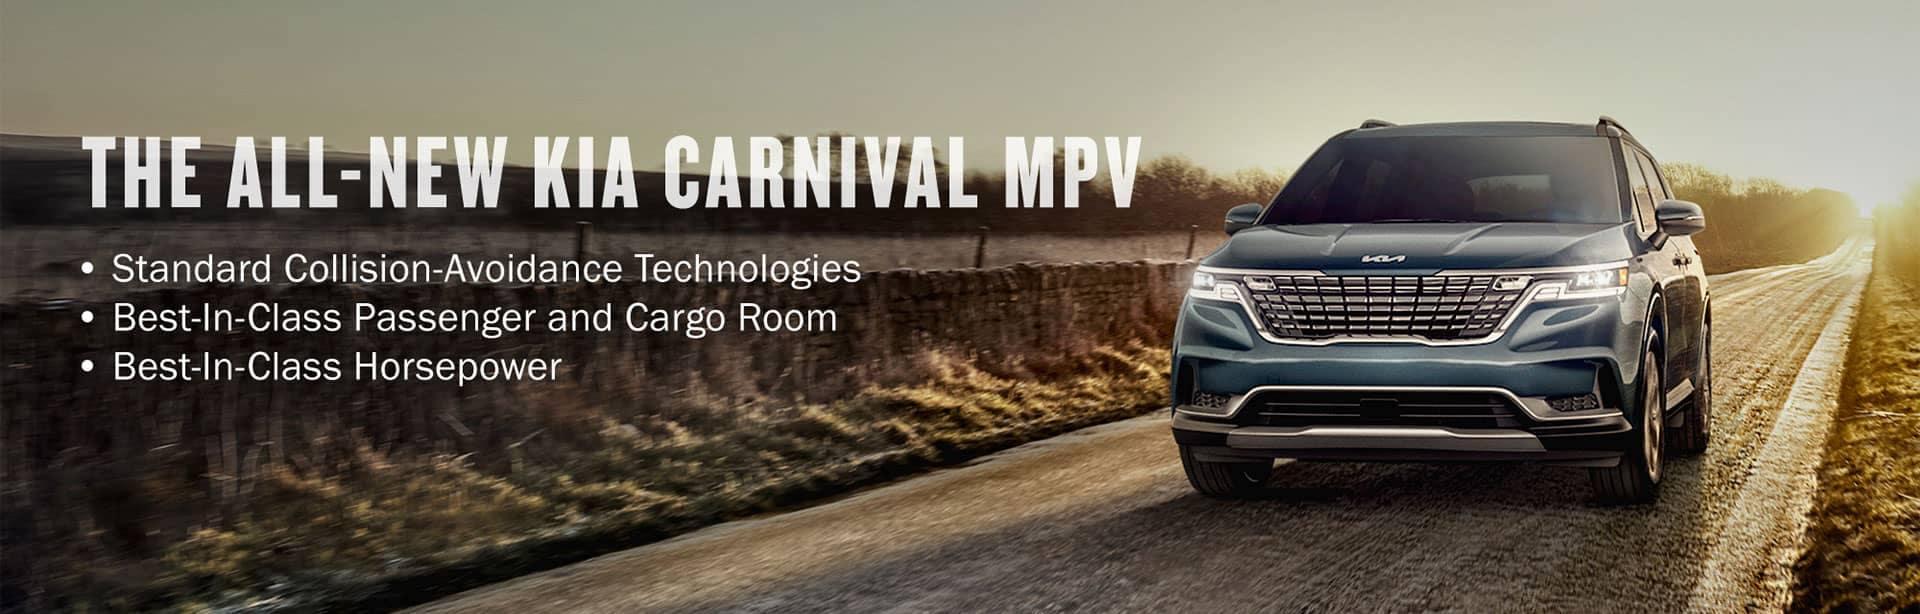 The All-New Kia Carnival MPV-202101